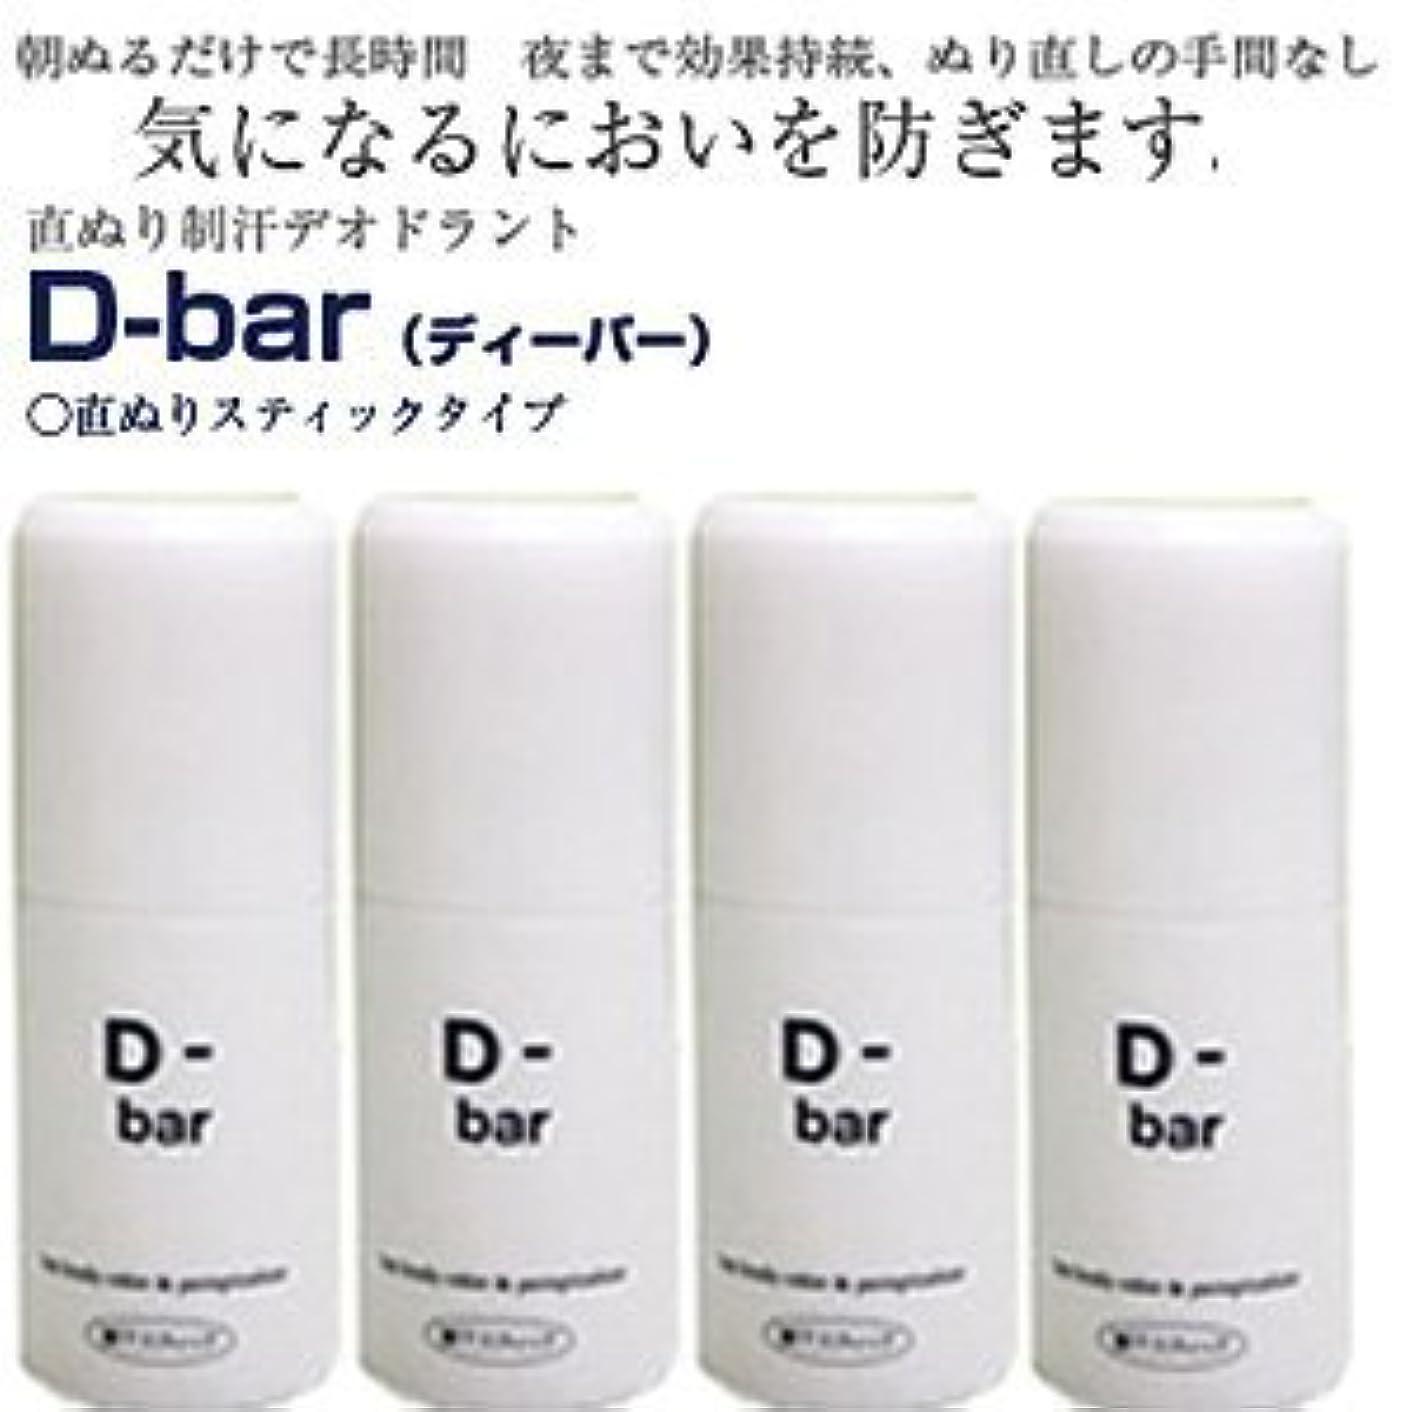 【4本】D-bar ディーバーx4本 (わきが、脇汗、足の臭いなど気になるニオイ対策) ★4511116760017